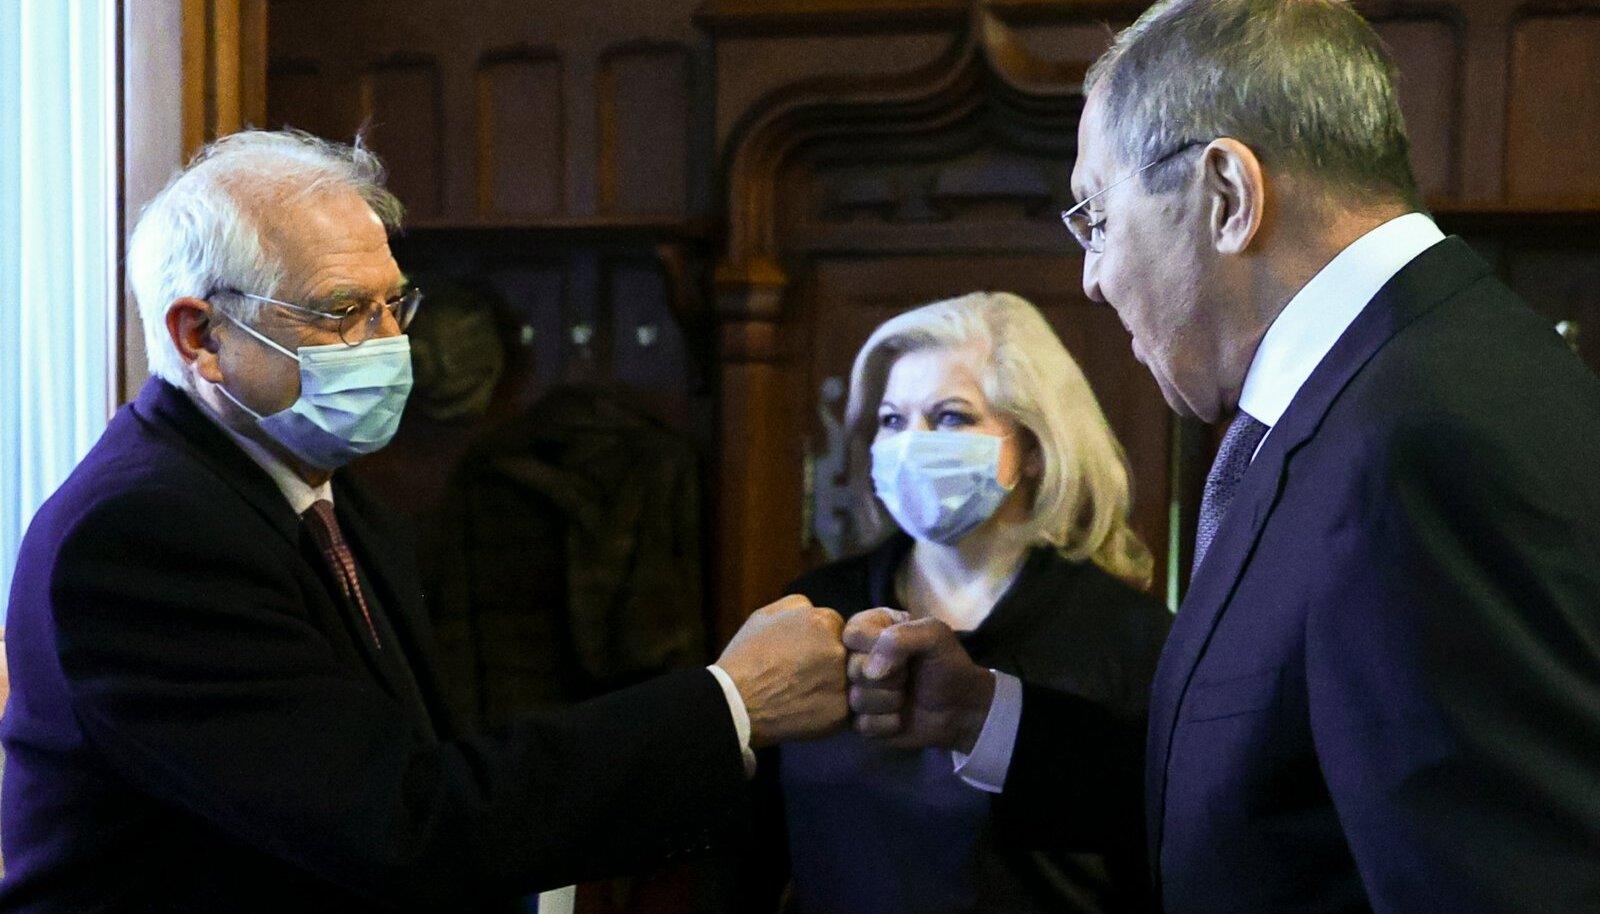 Virus Outbreak Europe Sputnik Vaccine